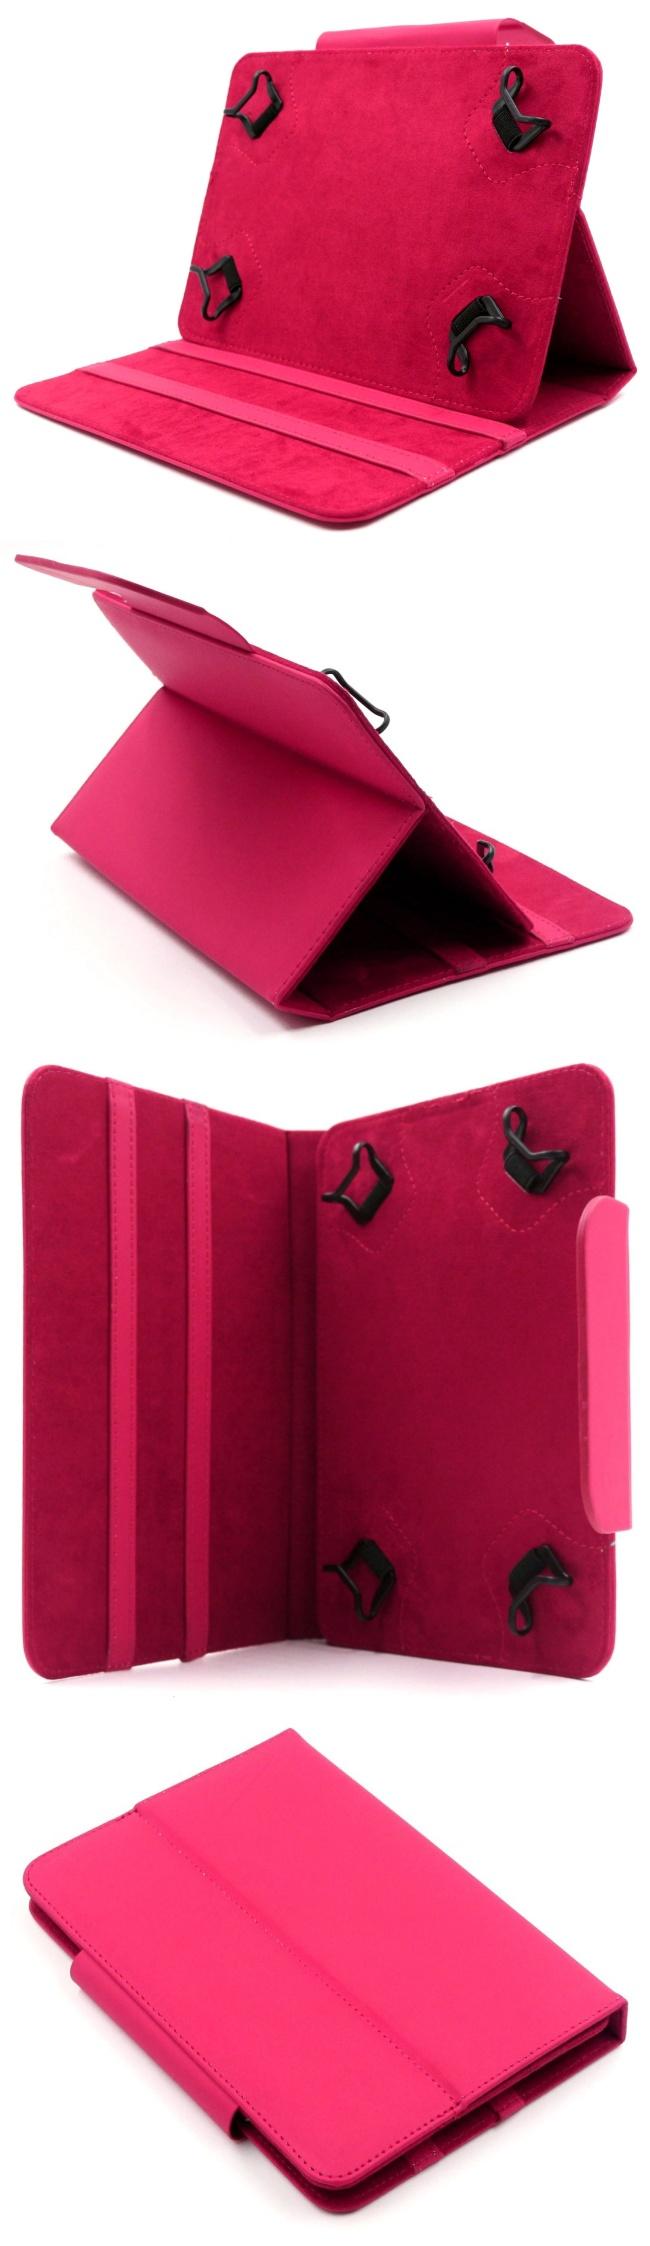 Pouzdro C-tech Protect pro V� tablet, L, Black